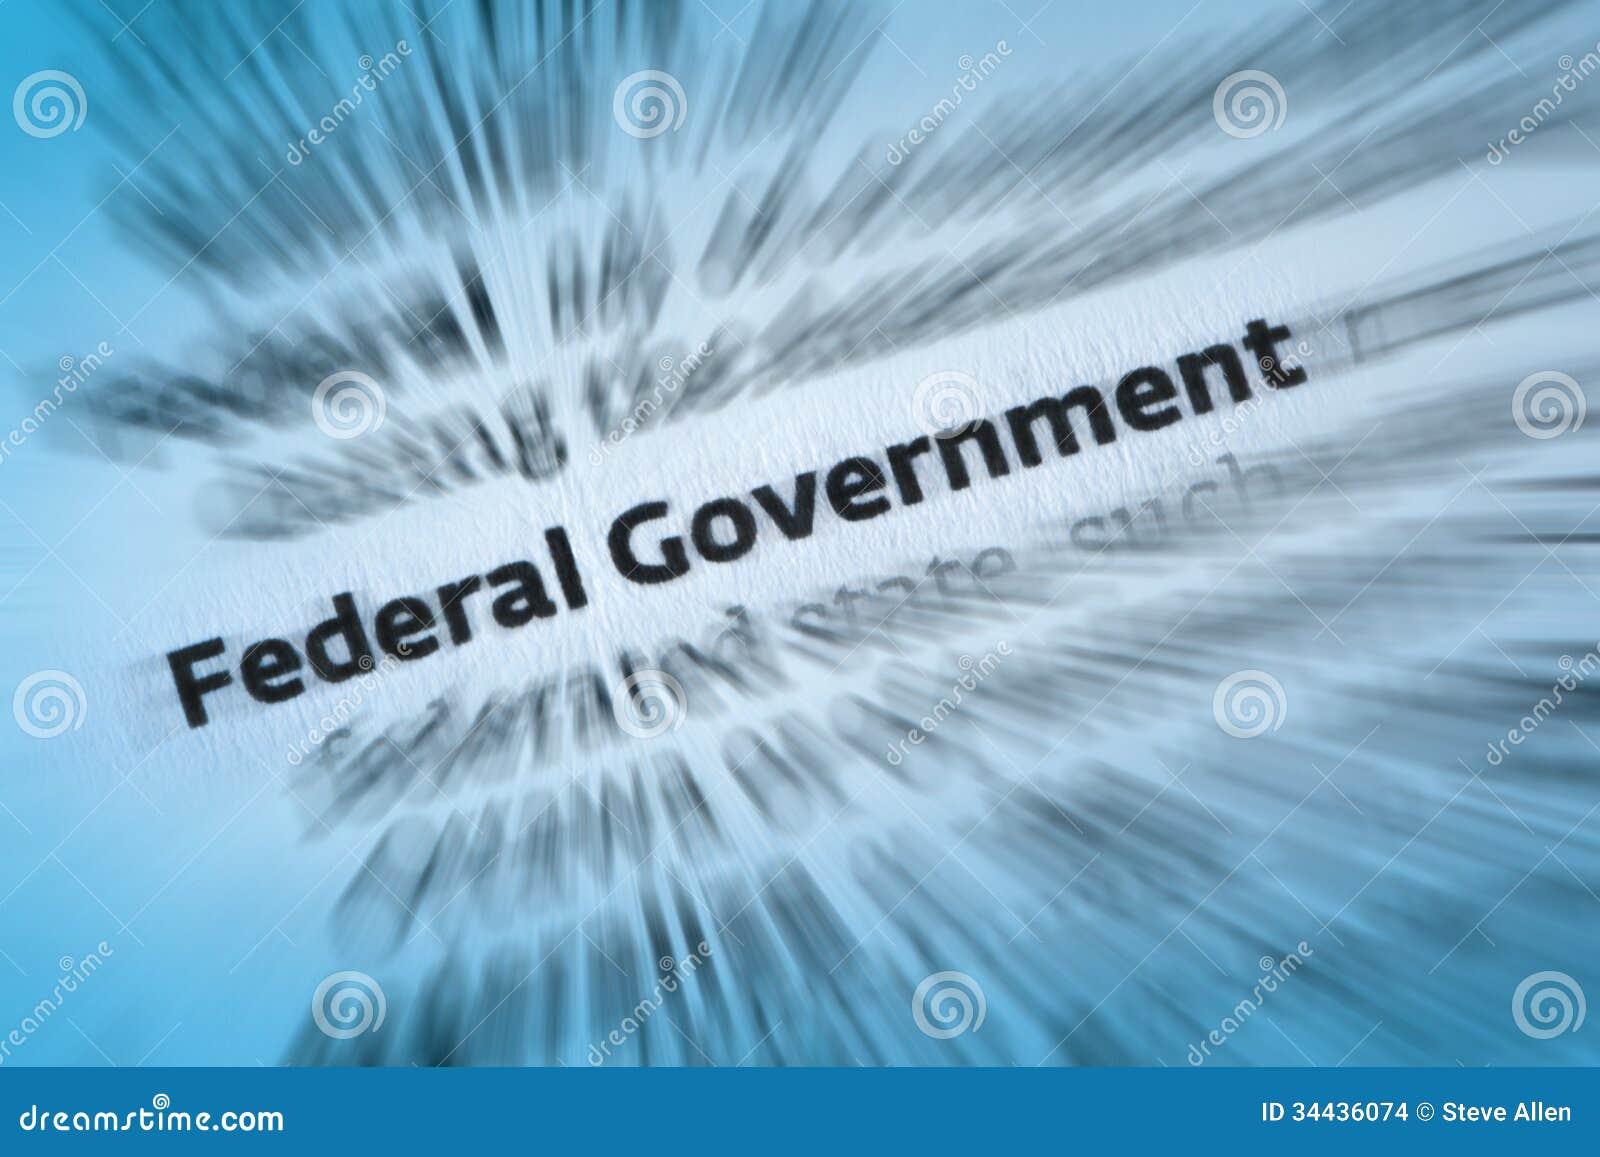 Федеральное правительство